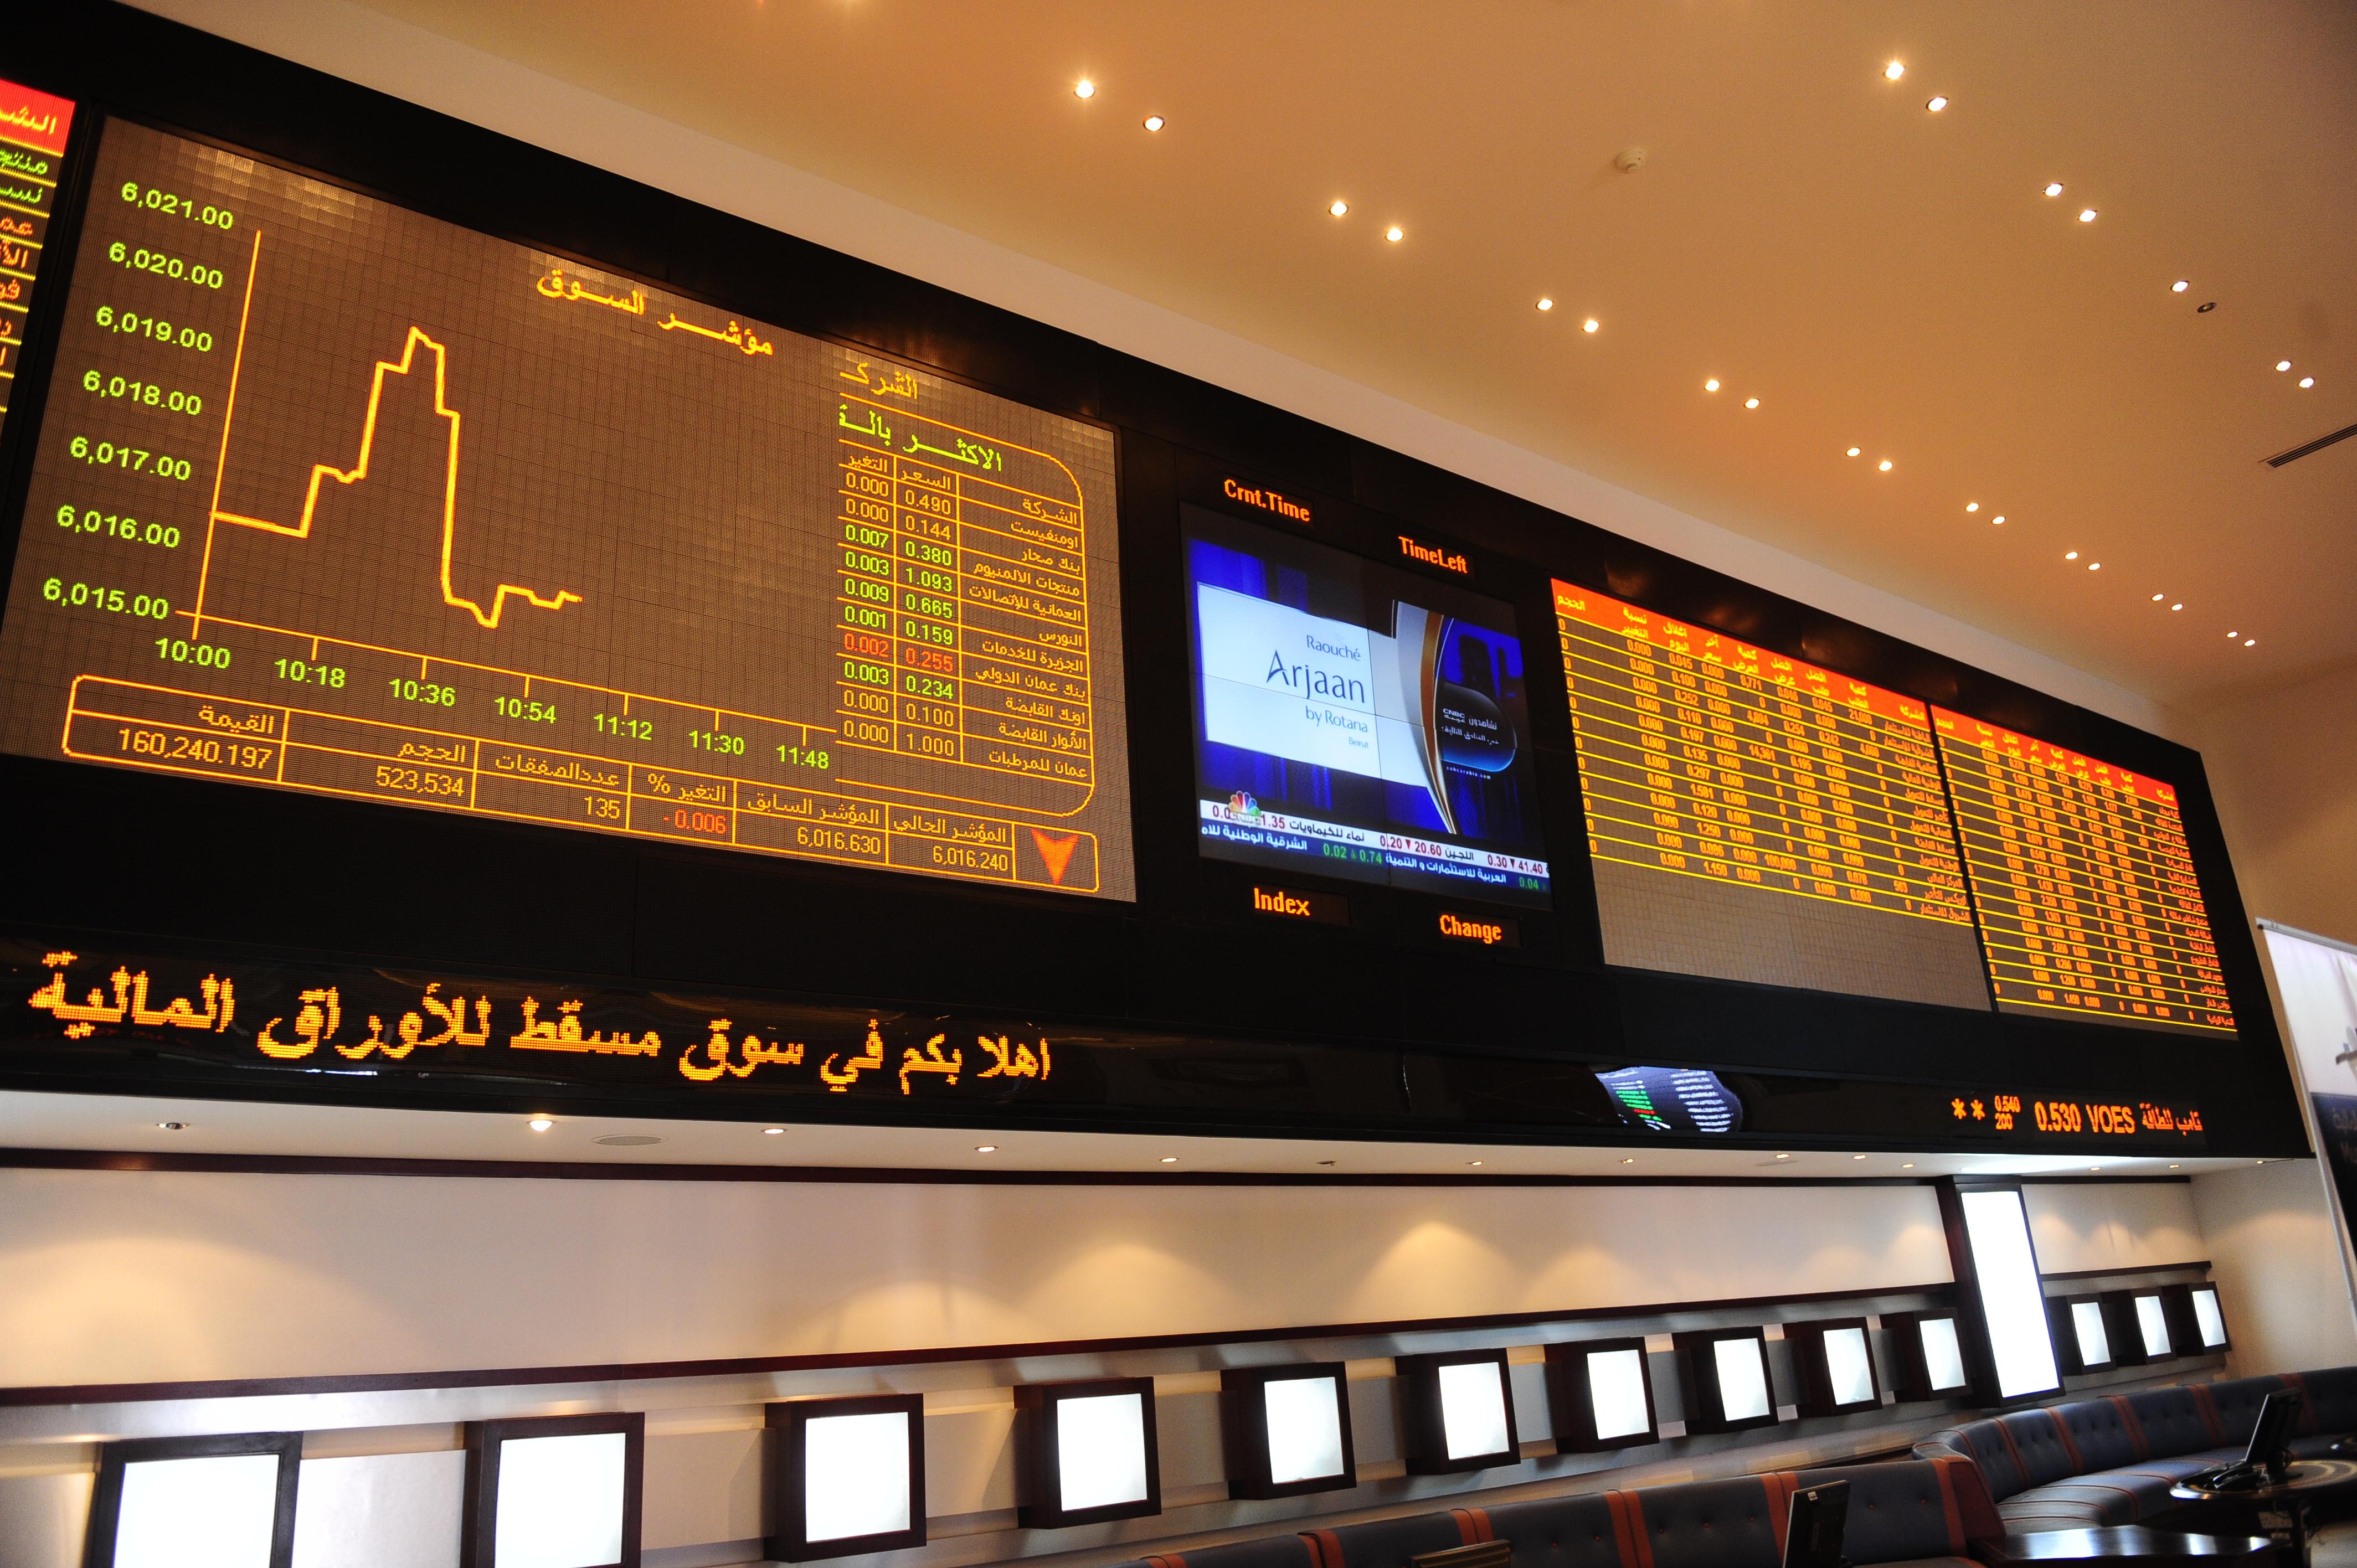 Muscat bourse declines on weak sentiment